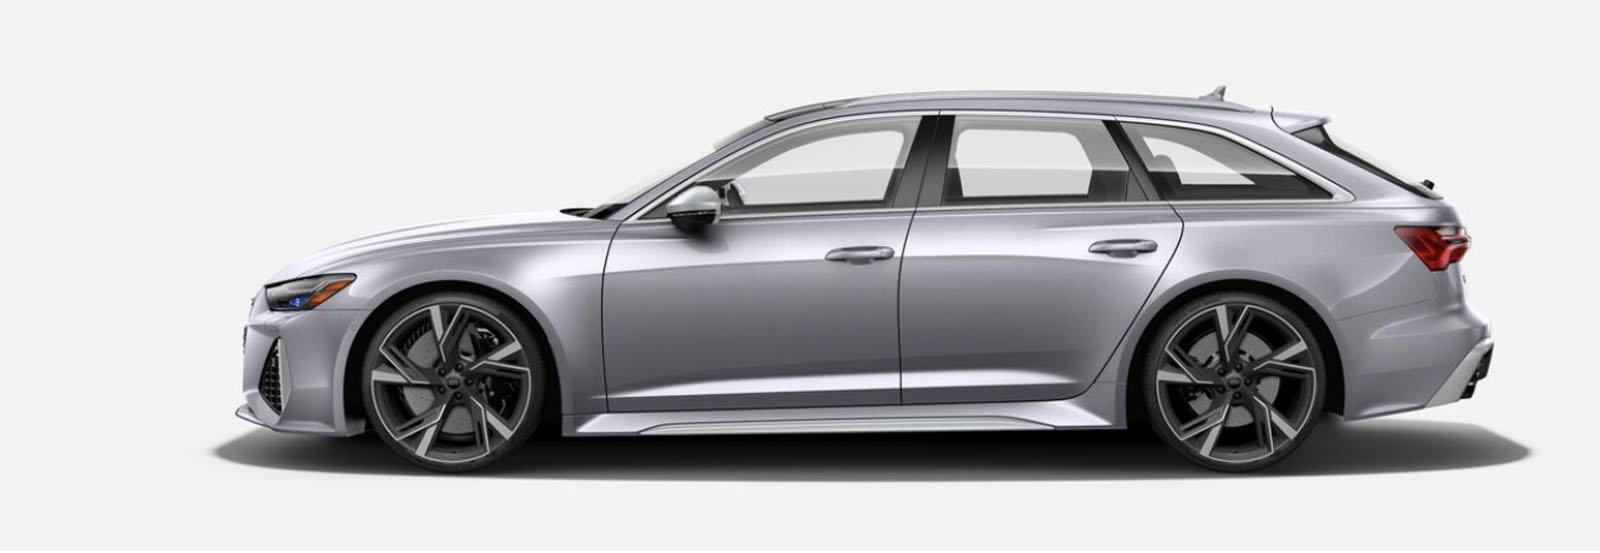 2021 Audi RS 6 Avant Floret Silver